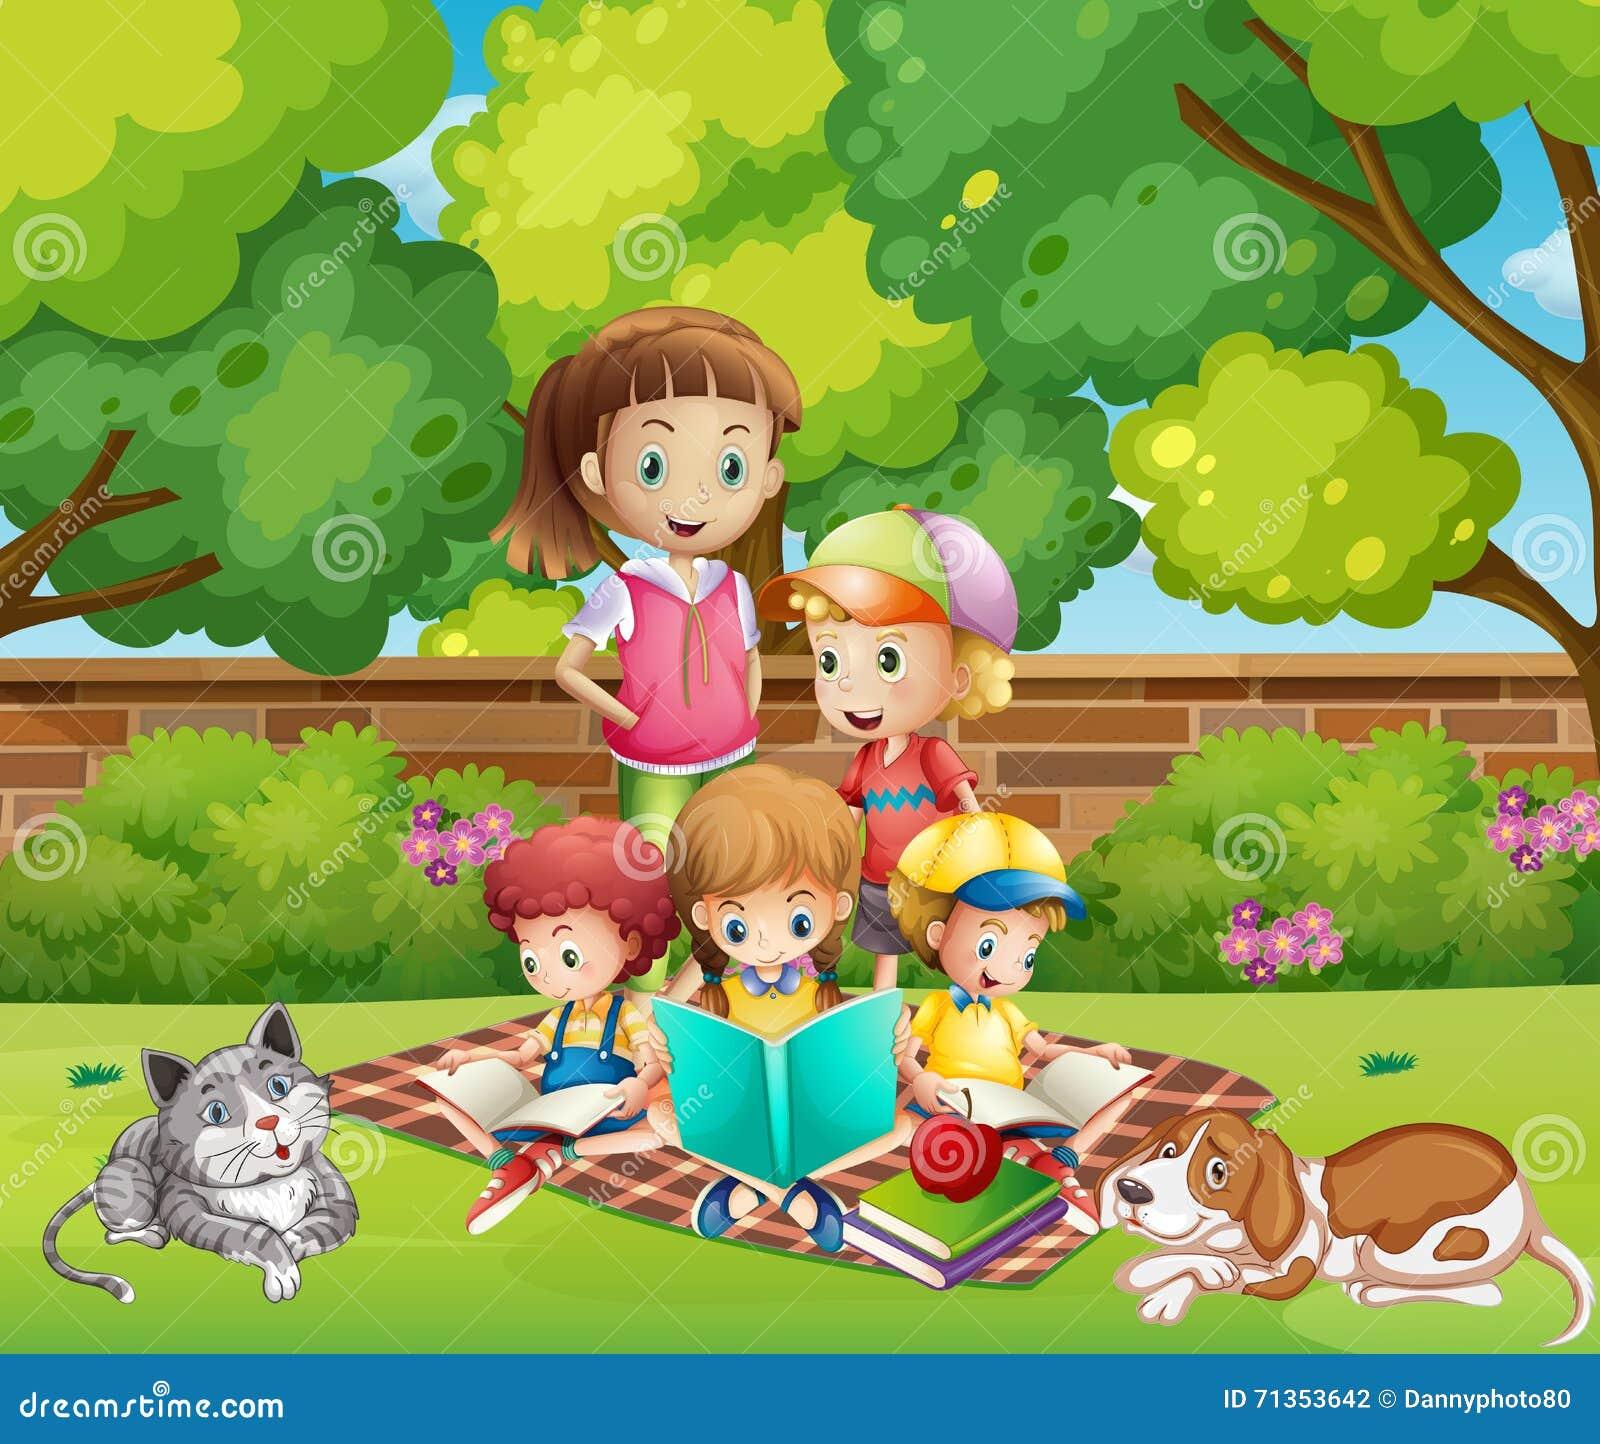 Children Reading Books In The Garden Stock Vector Image 71353642